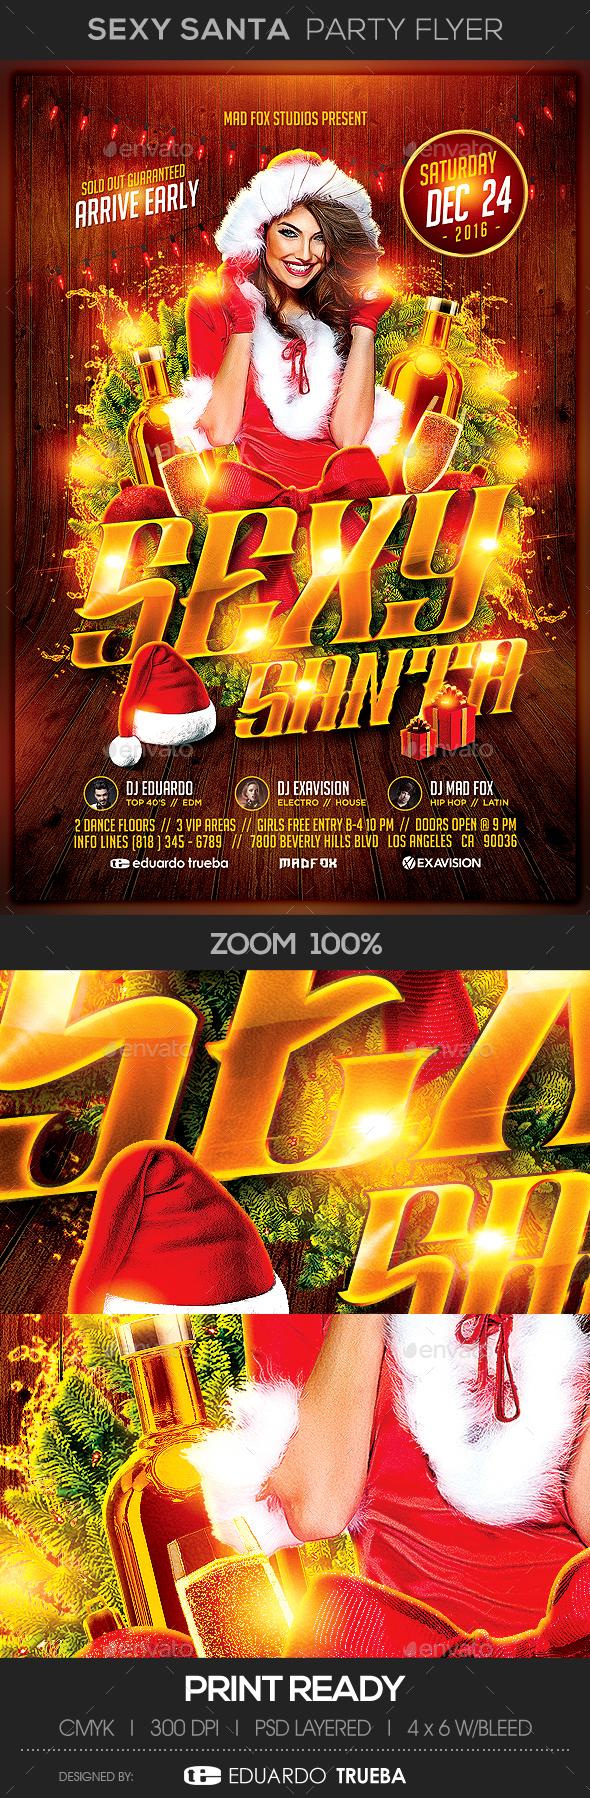 Sexy Santa Party Flyer